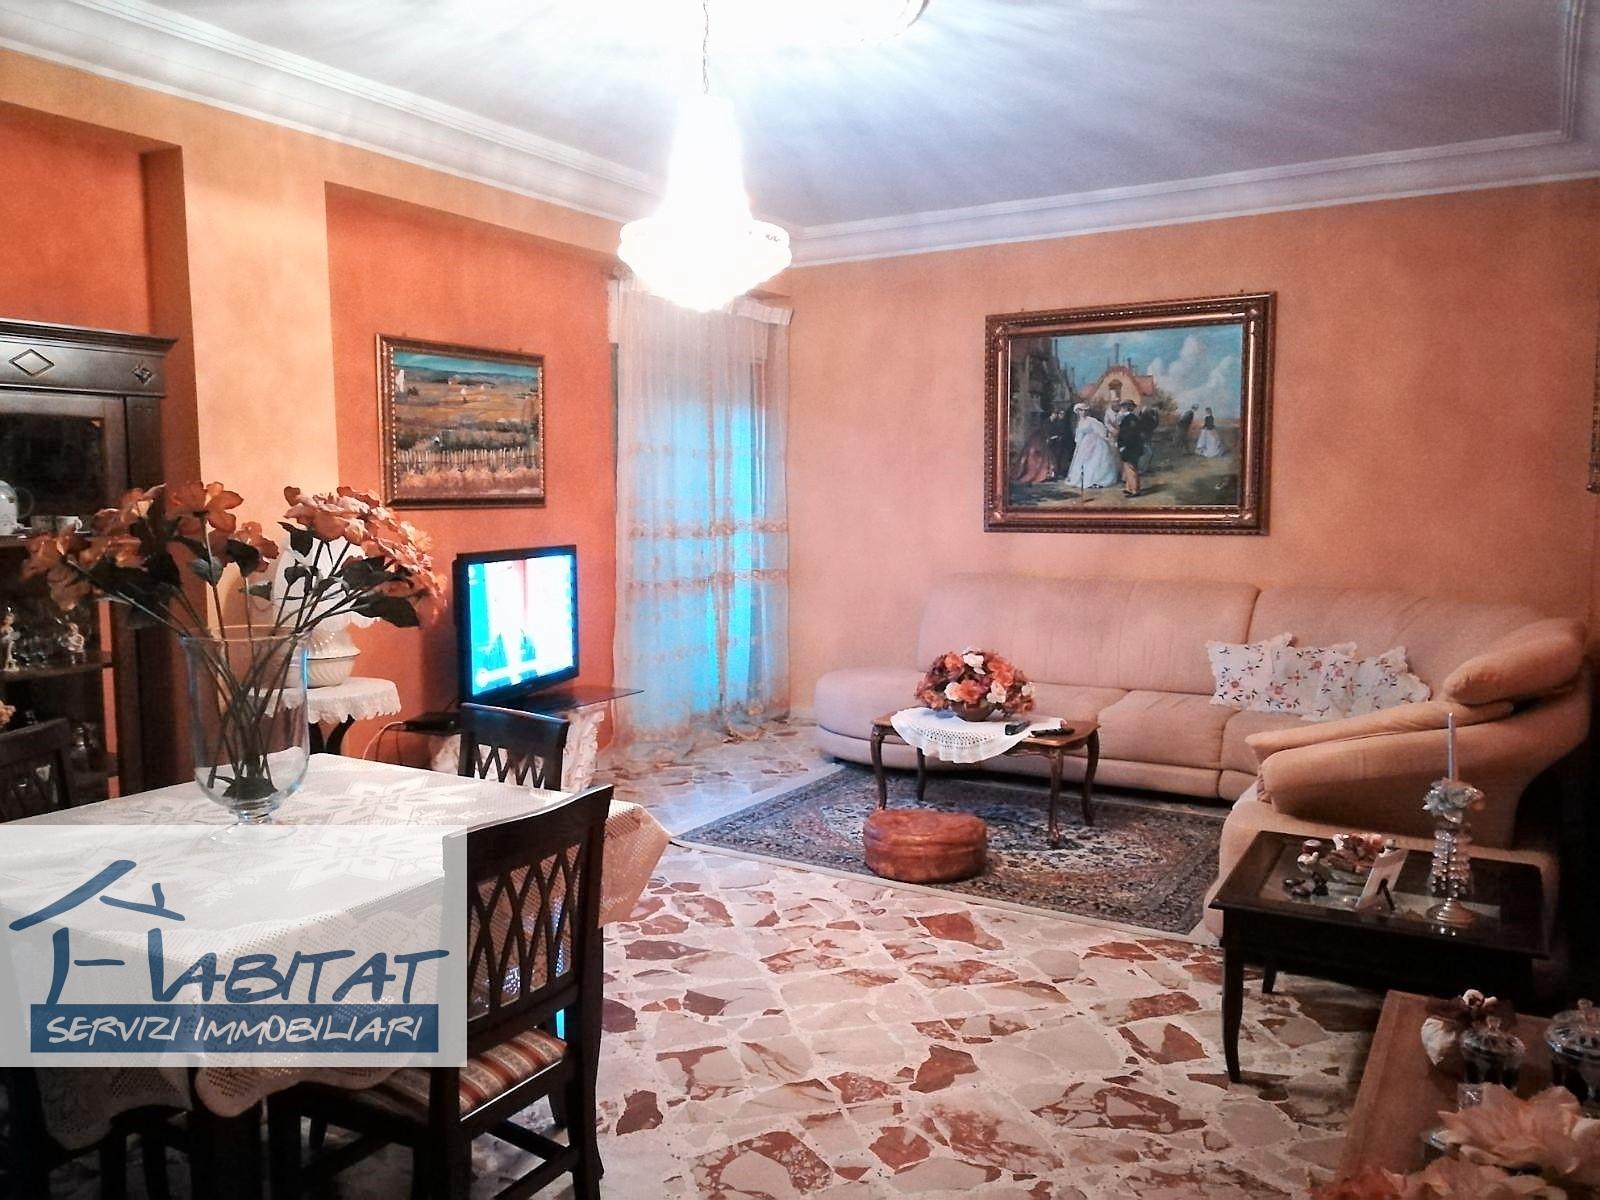 Appartamento in affitto a Agrigento, 4 locali, zona Zona: Centro, prezzo € 70.000 | CambioCasa.it